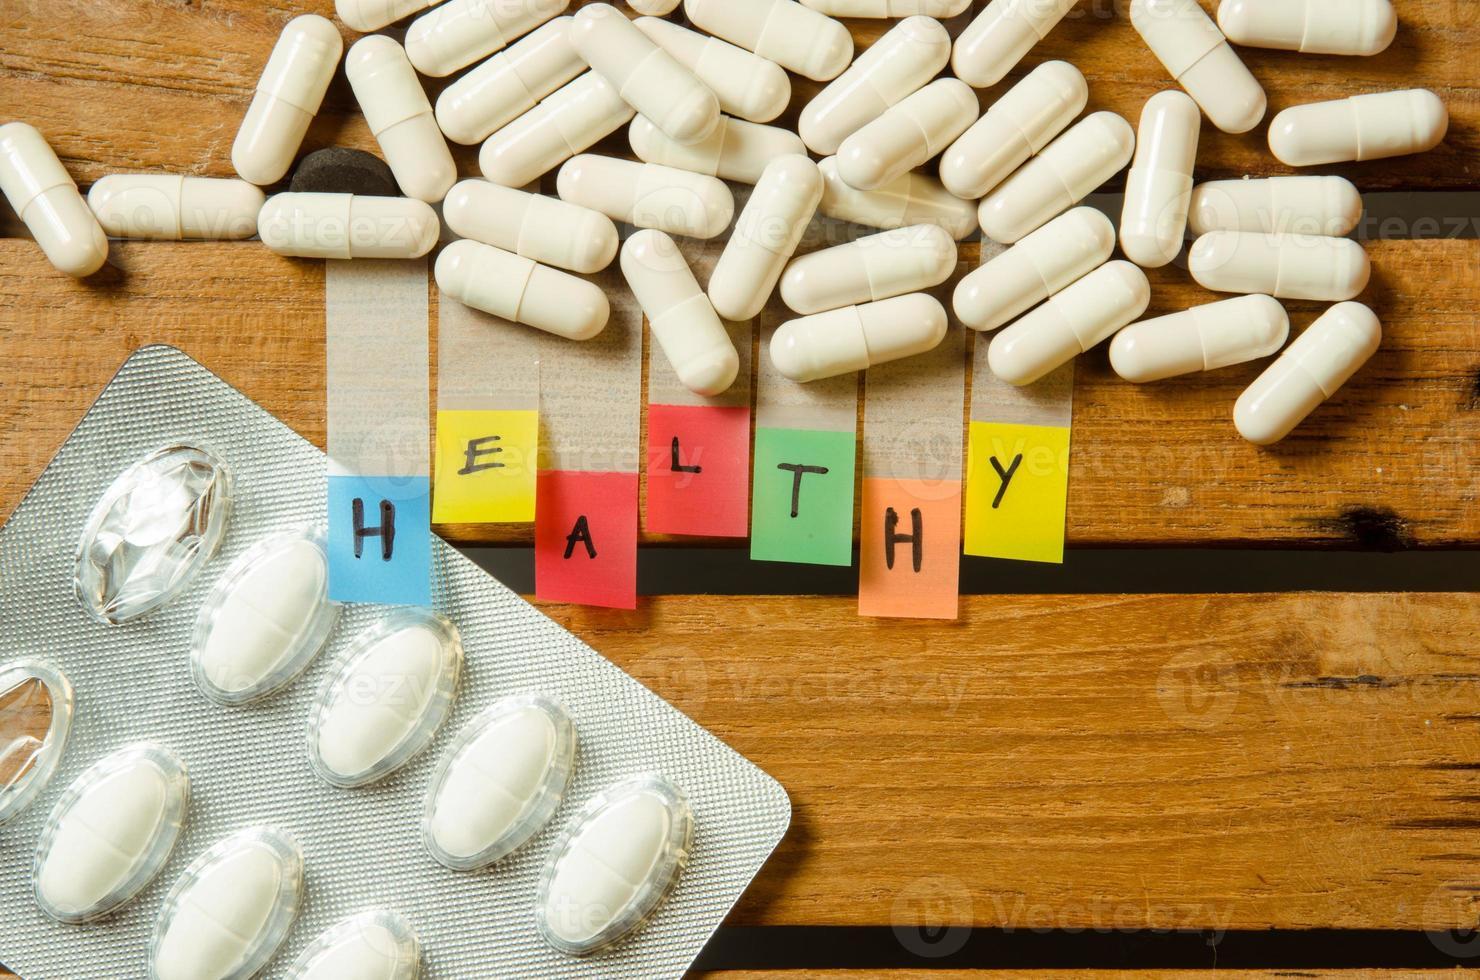 medicamento saudável do alfabeto e cápsula com dose de medicamento foto